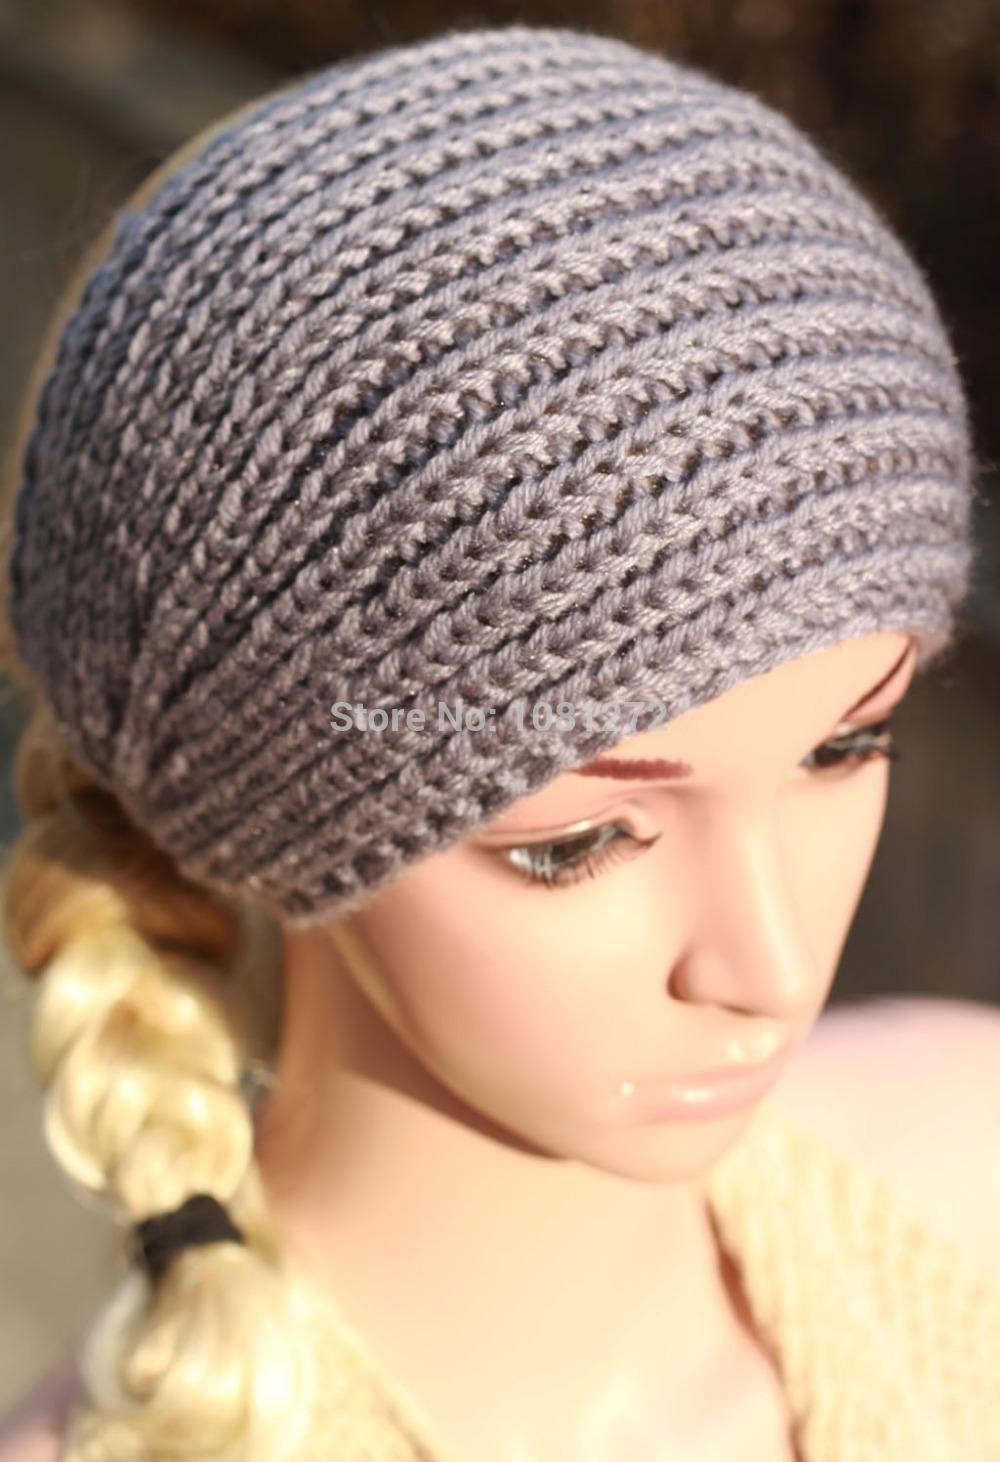 Light grey Knit Headband,Knit Beanie,Cute Turban Headband,Earwarmer Head wrap,headband pattern,Fall and winter hair accessory(China (Mainland))